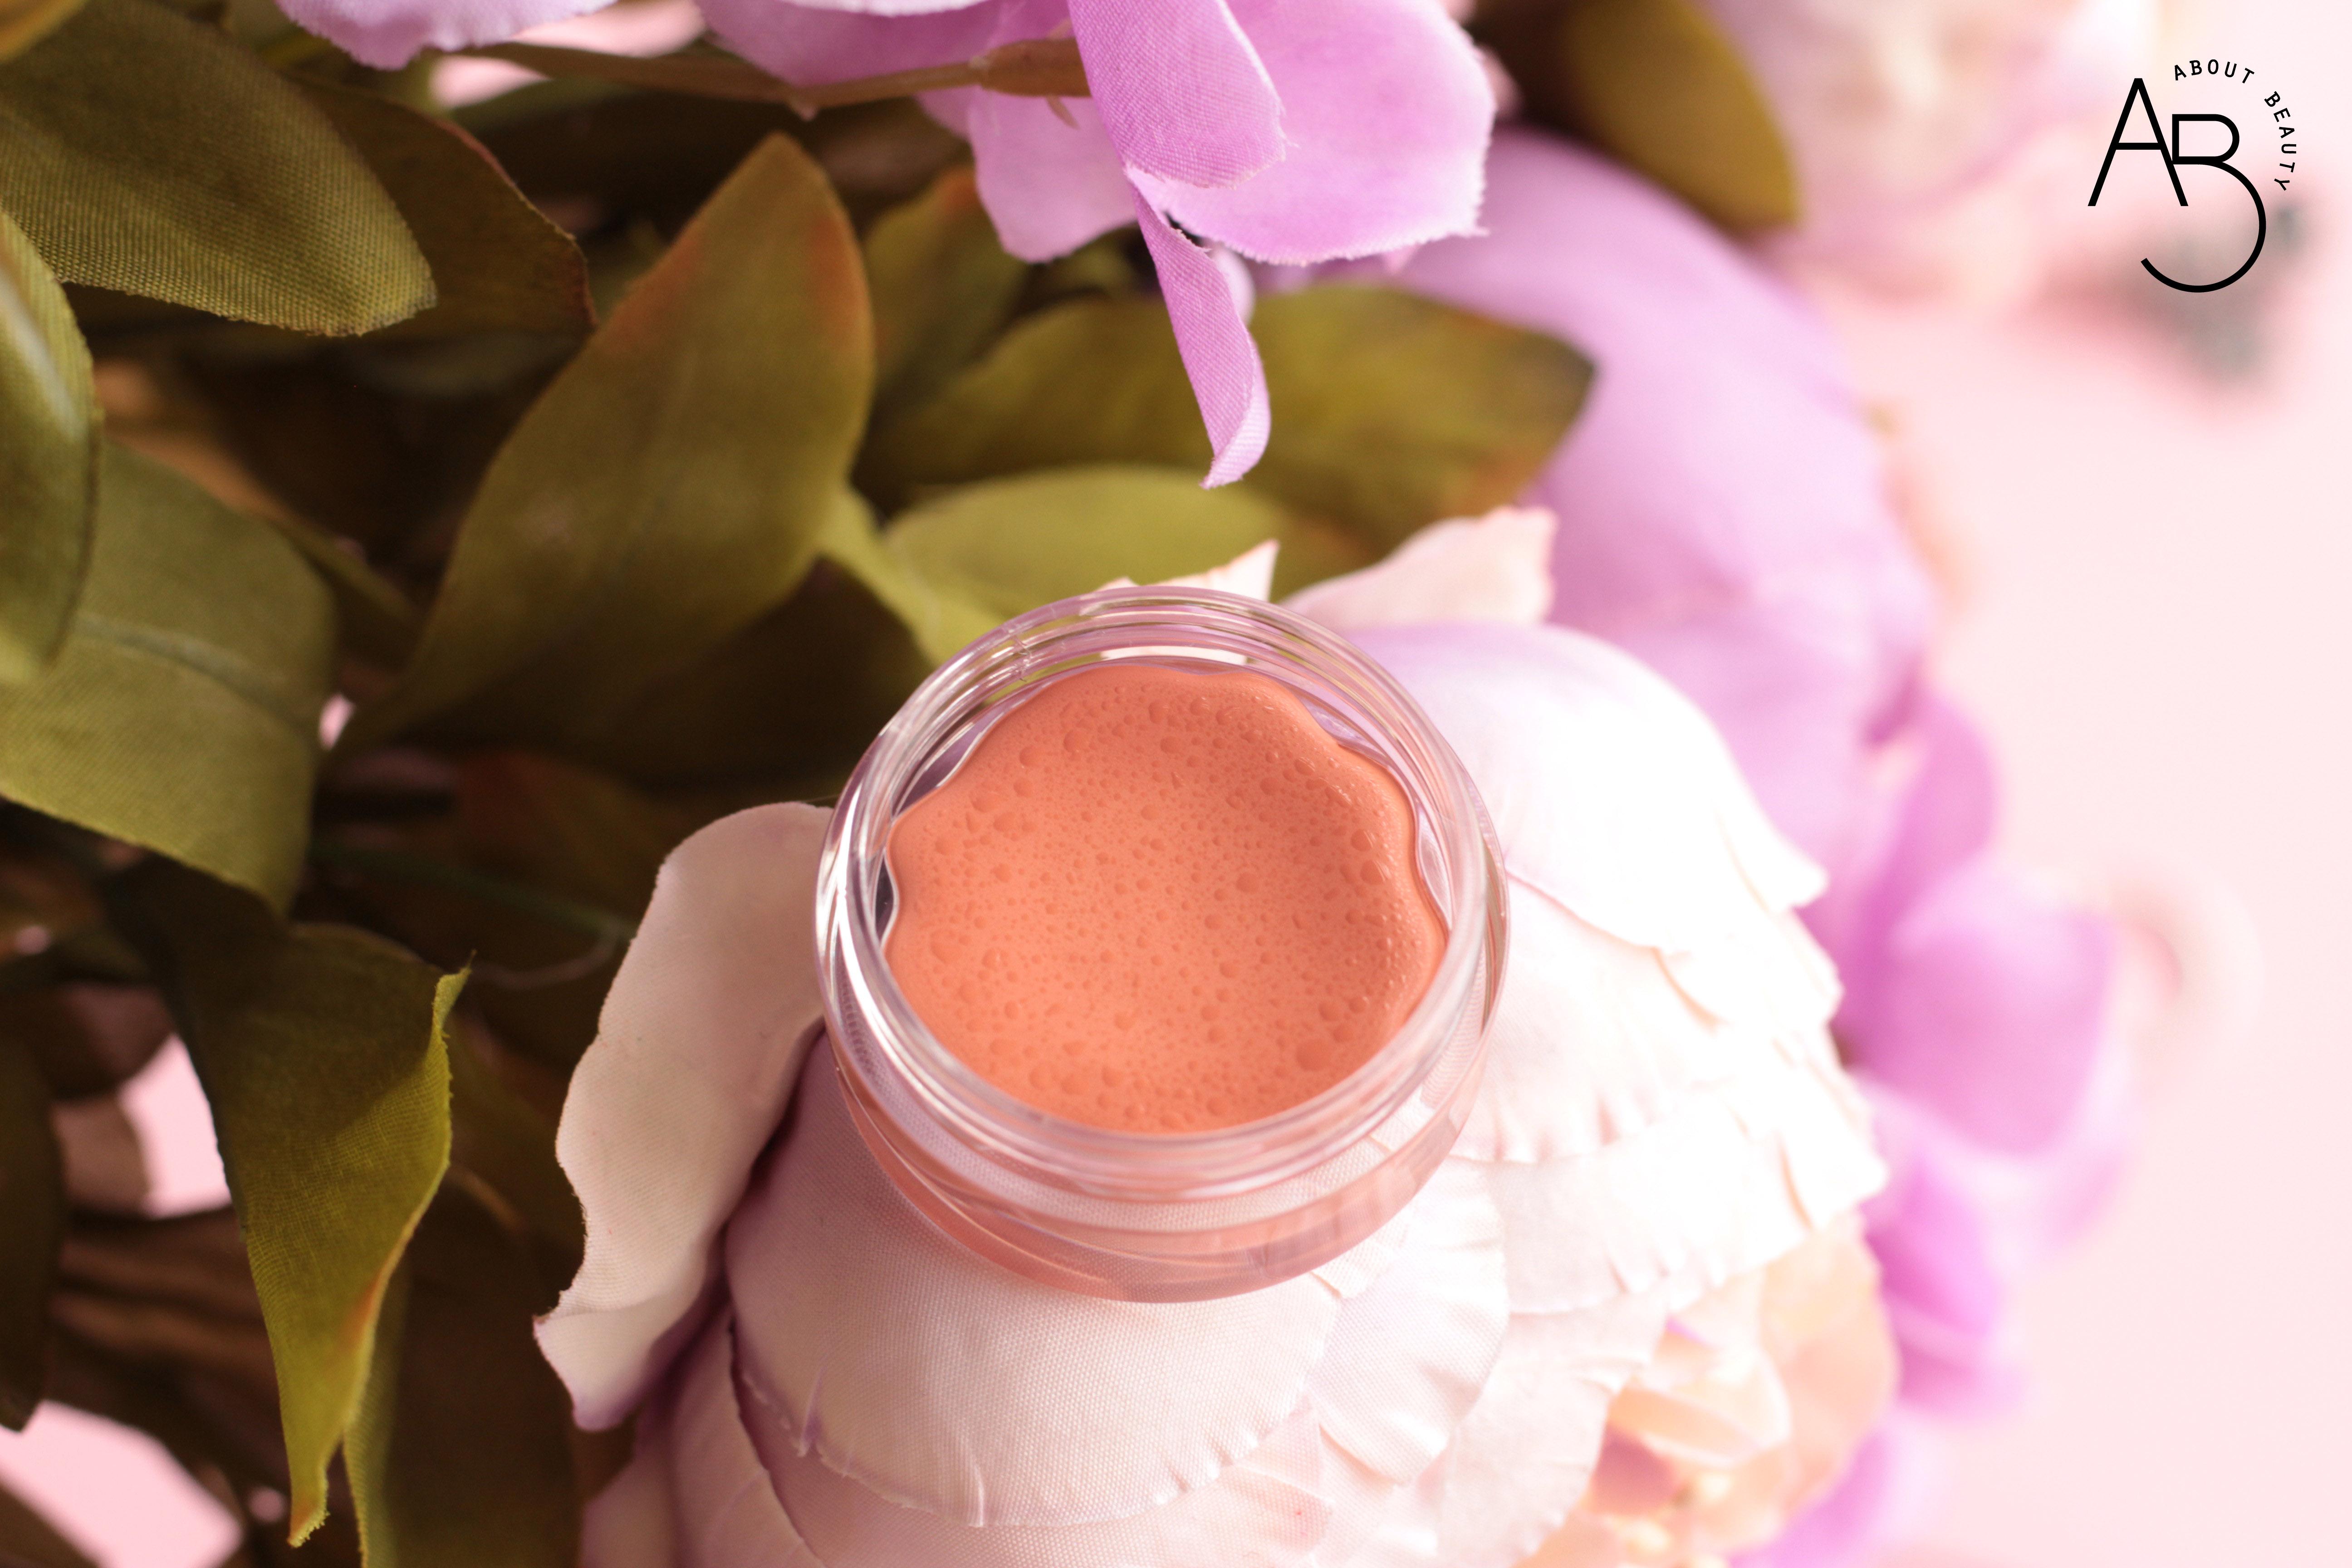 Blush Garden Neve Cosmetics: recensione, review, swatch, opinioni, sconto, dove acquistare, prezzo - Thursday Rose